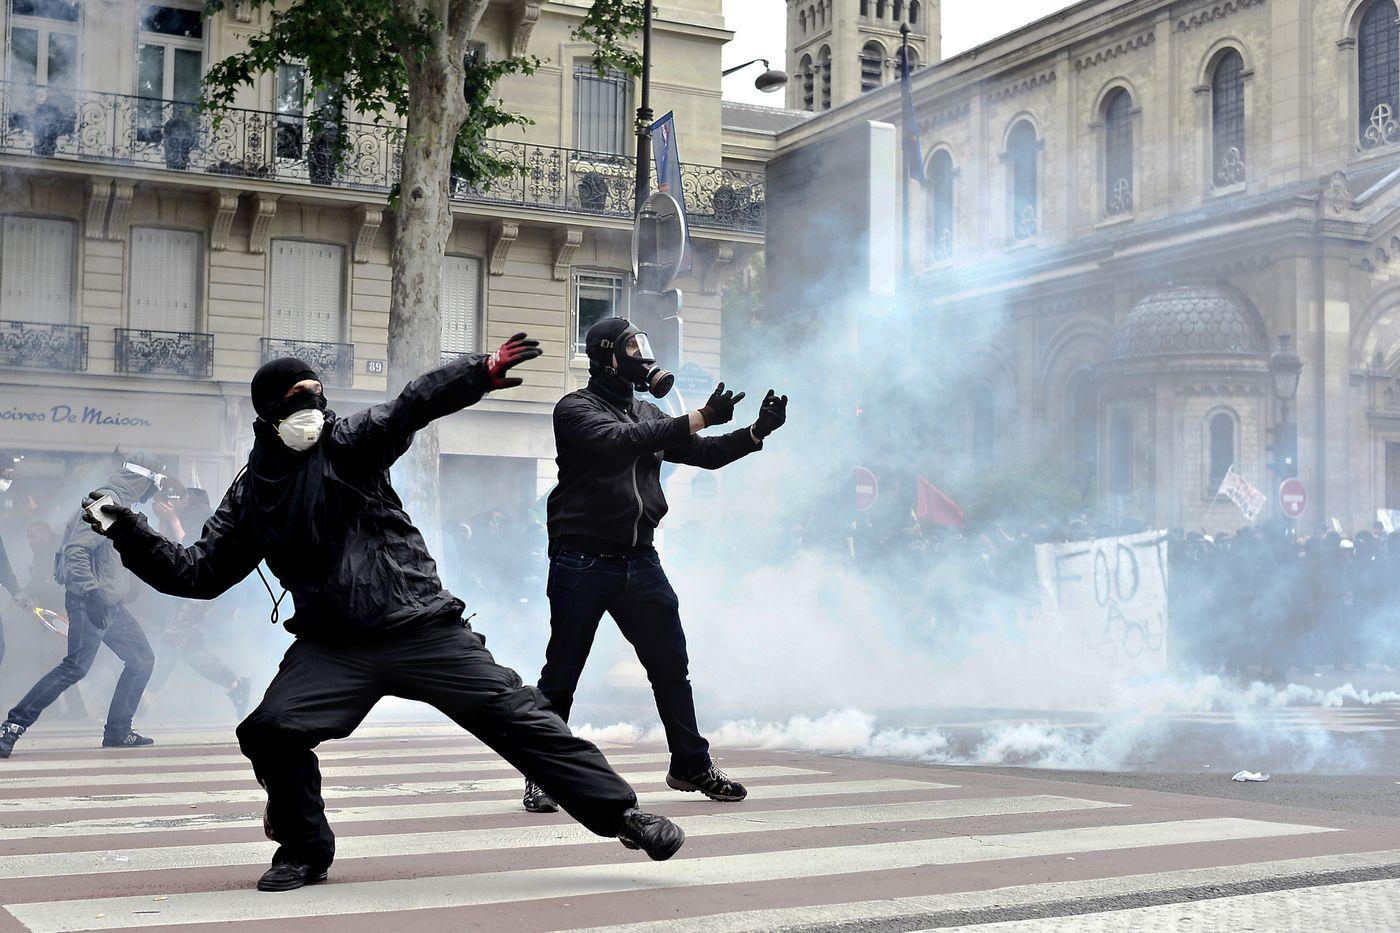 Le match OM-Galatasaray en Ligue Europa sous haute surveillance policière